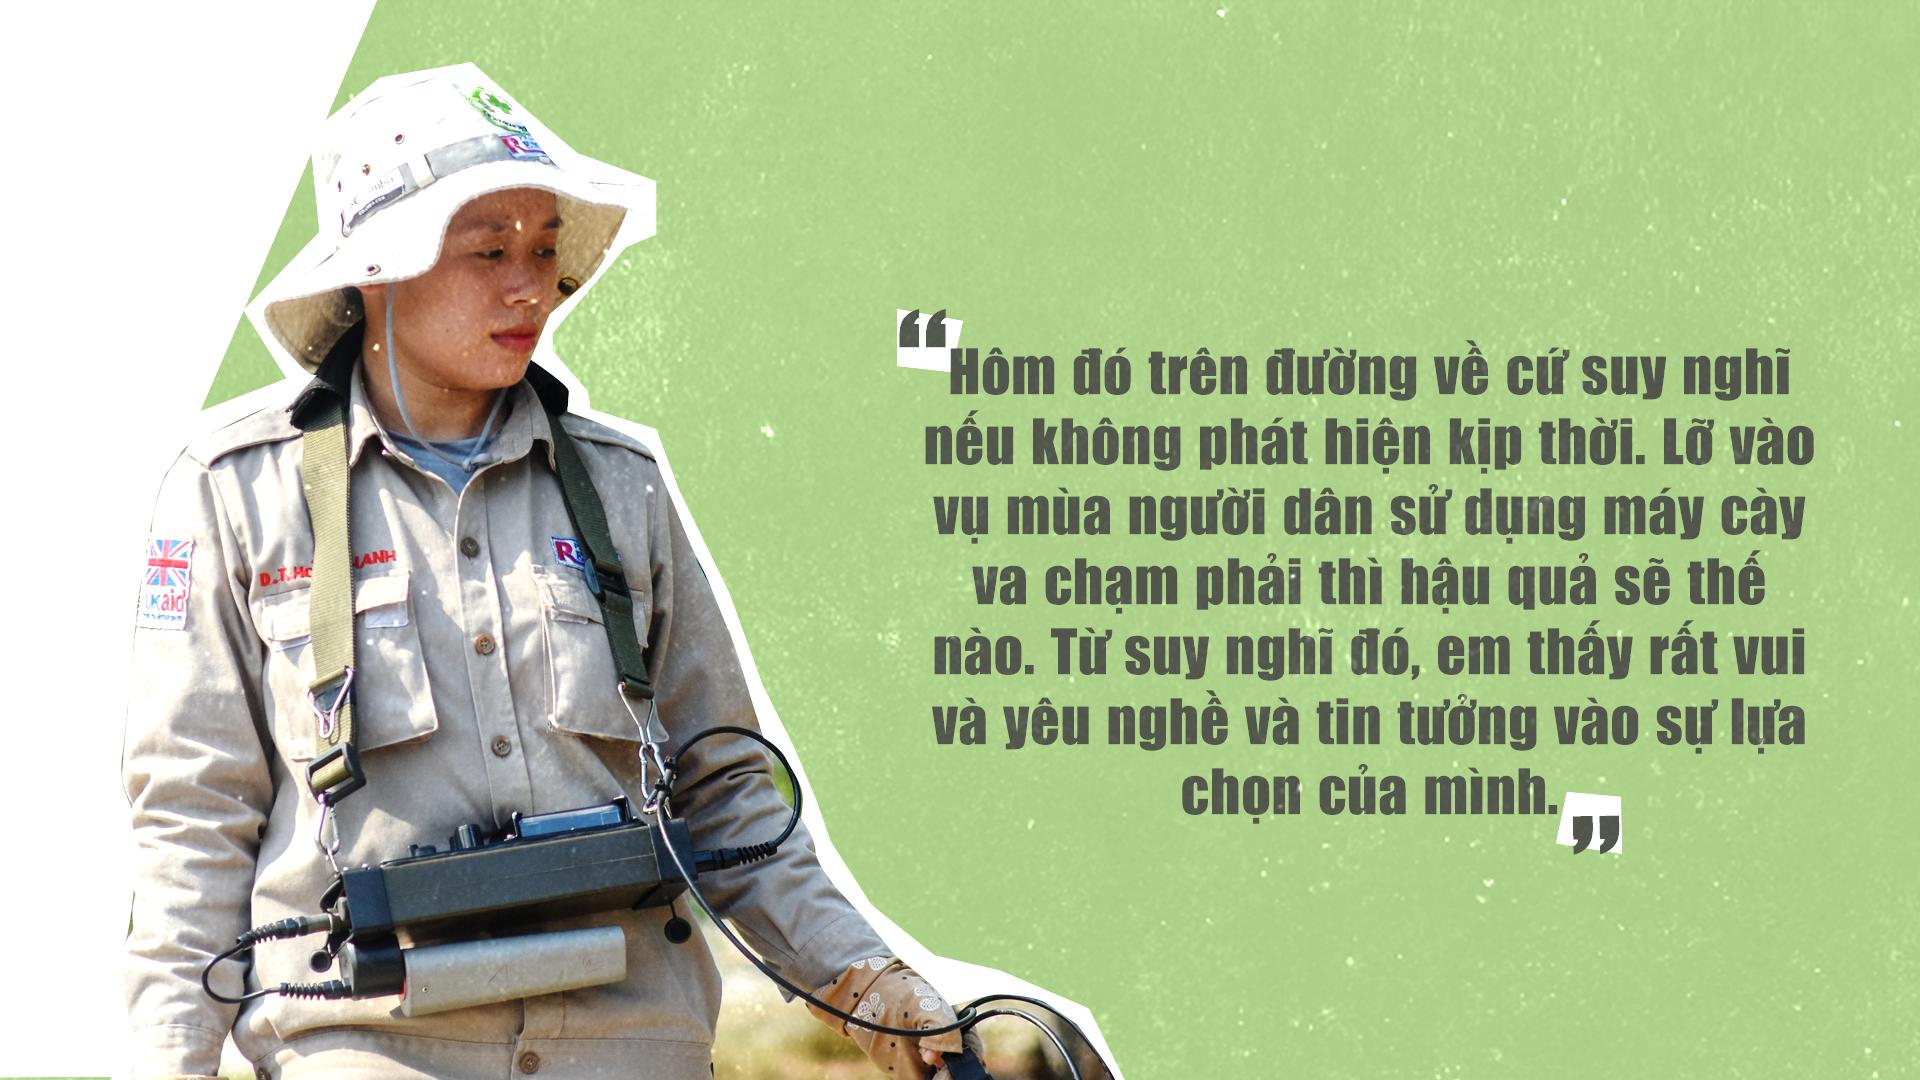 Đội nữ rà phá bom, mìn vùng 'đất lửa' Quảng Trị - ảnh 9